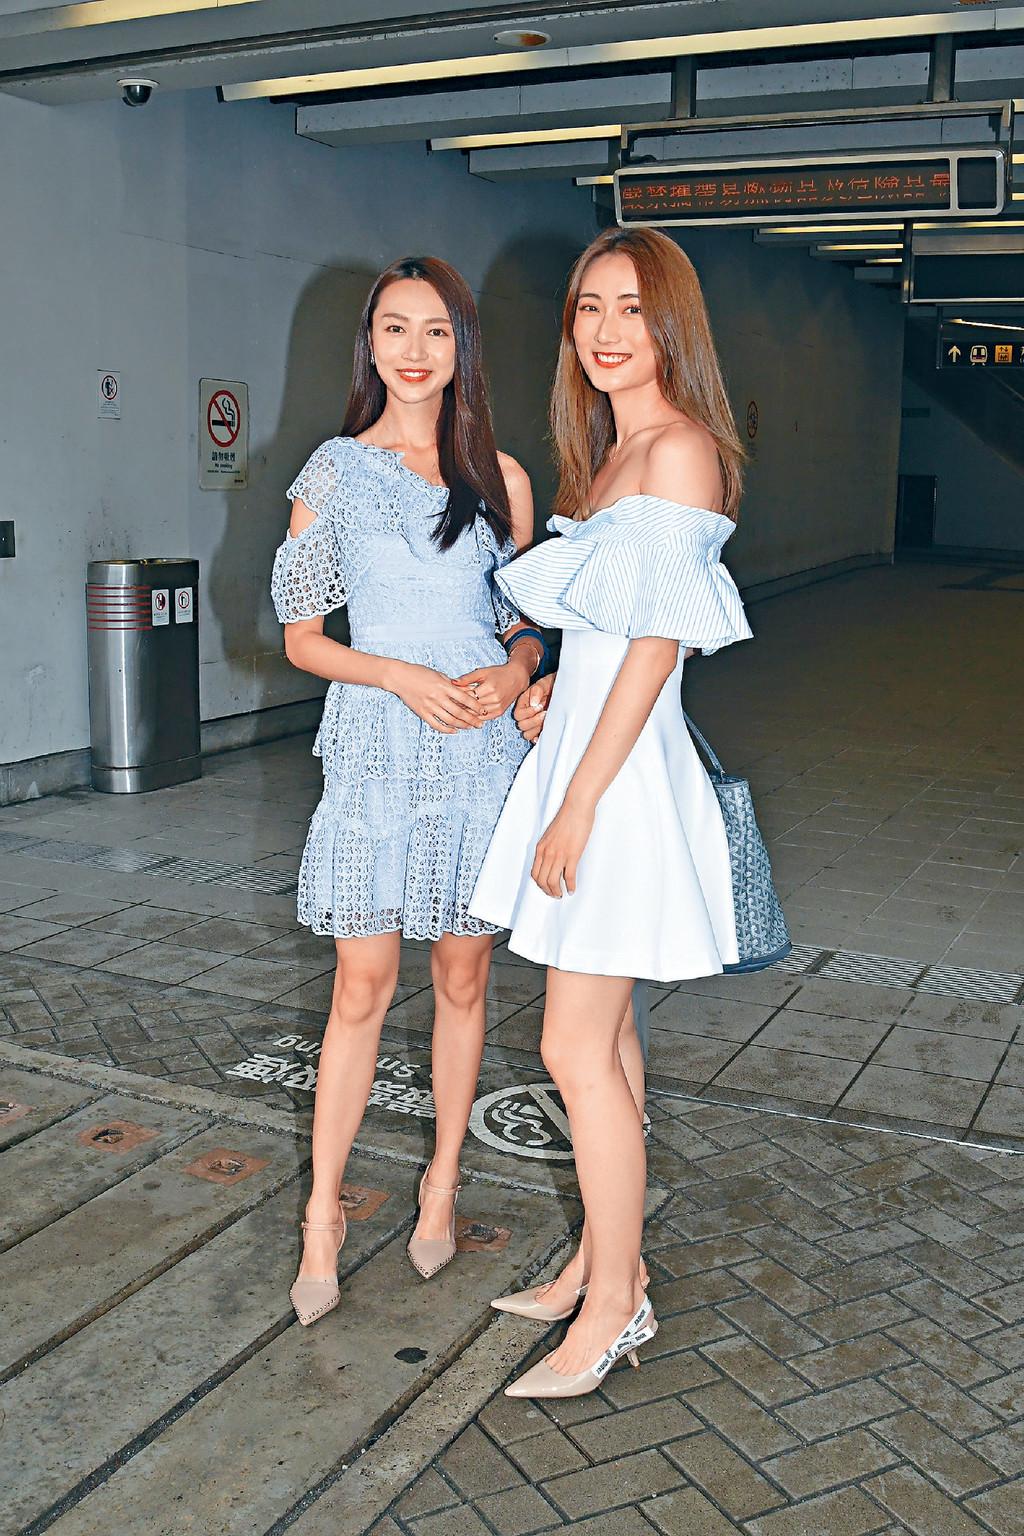 ■貌似郭可盈的Carmaney(左)曾參選過2018國際小姐,也曾拍過廣告,樣子甜美;身旁的蔡嘉欣則是KOL,同樣高挑清秀。